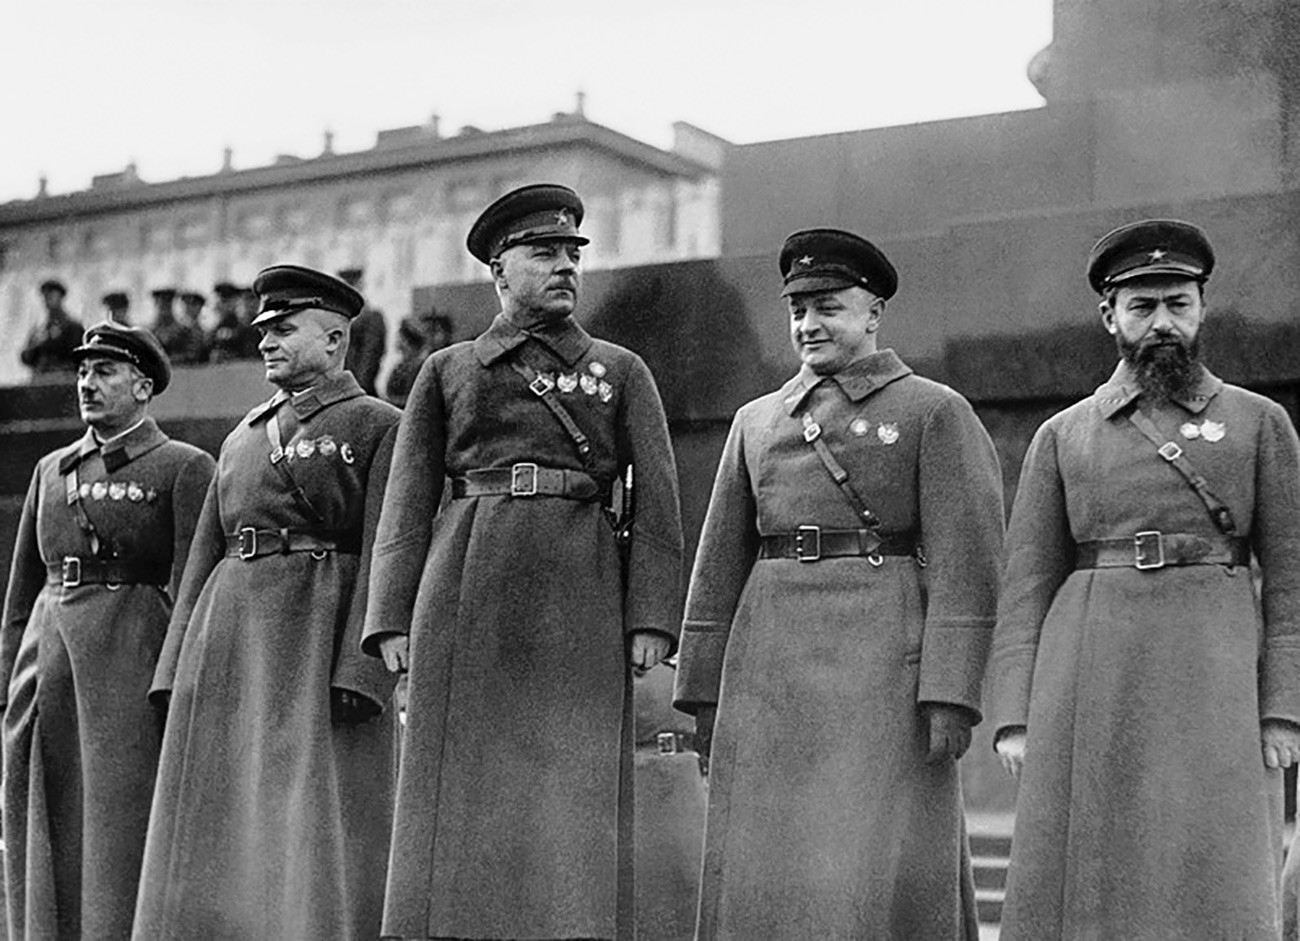 L-R: Genrich Jagoda, Alexander Jegorow, Kliment Woroschilow, Michail Tuchatschewski und Jan Gamarnik auf dem Roten Platz